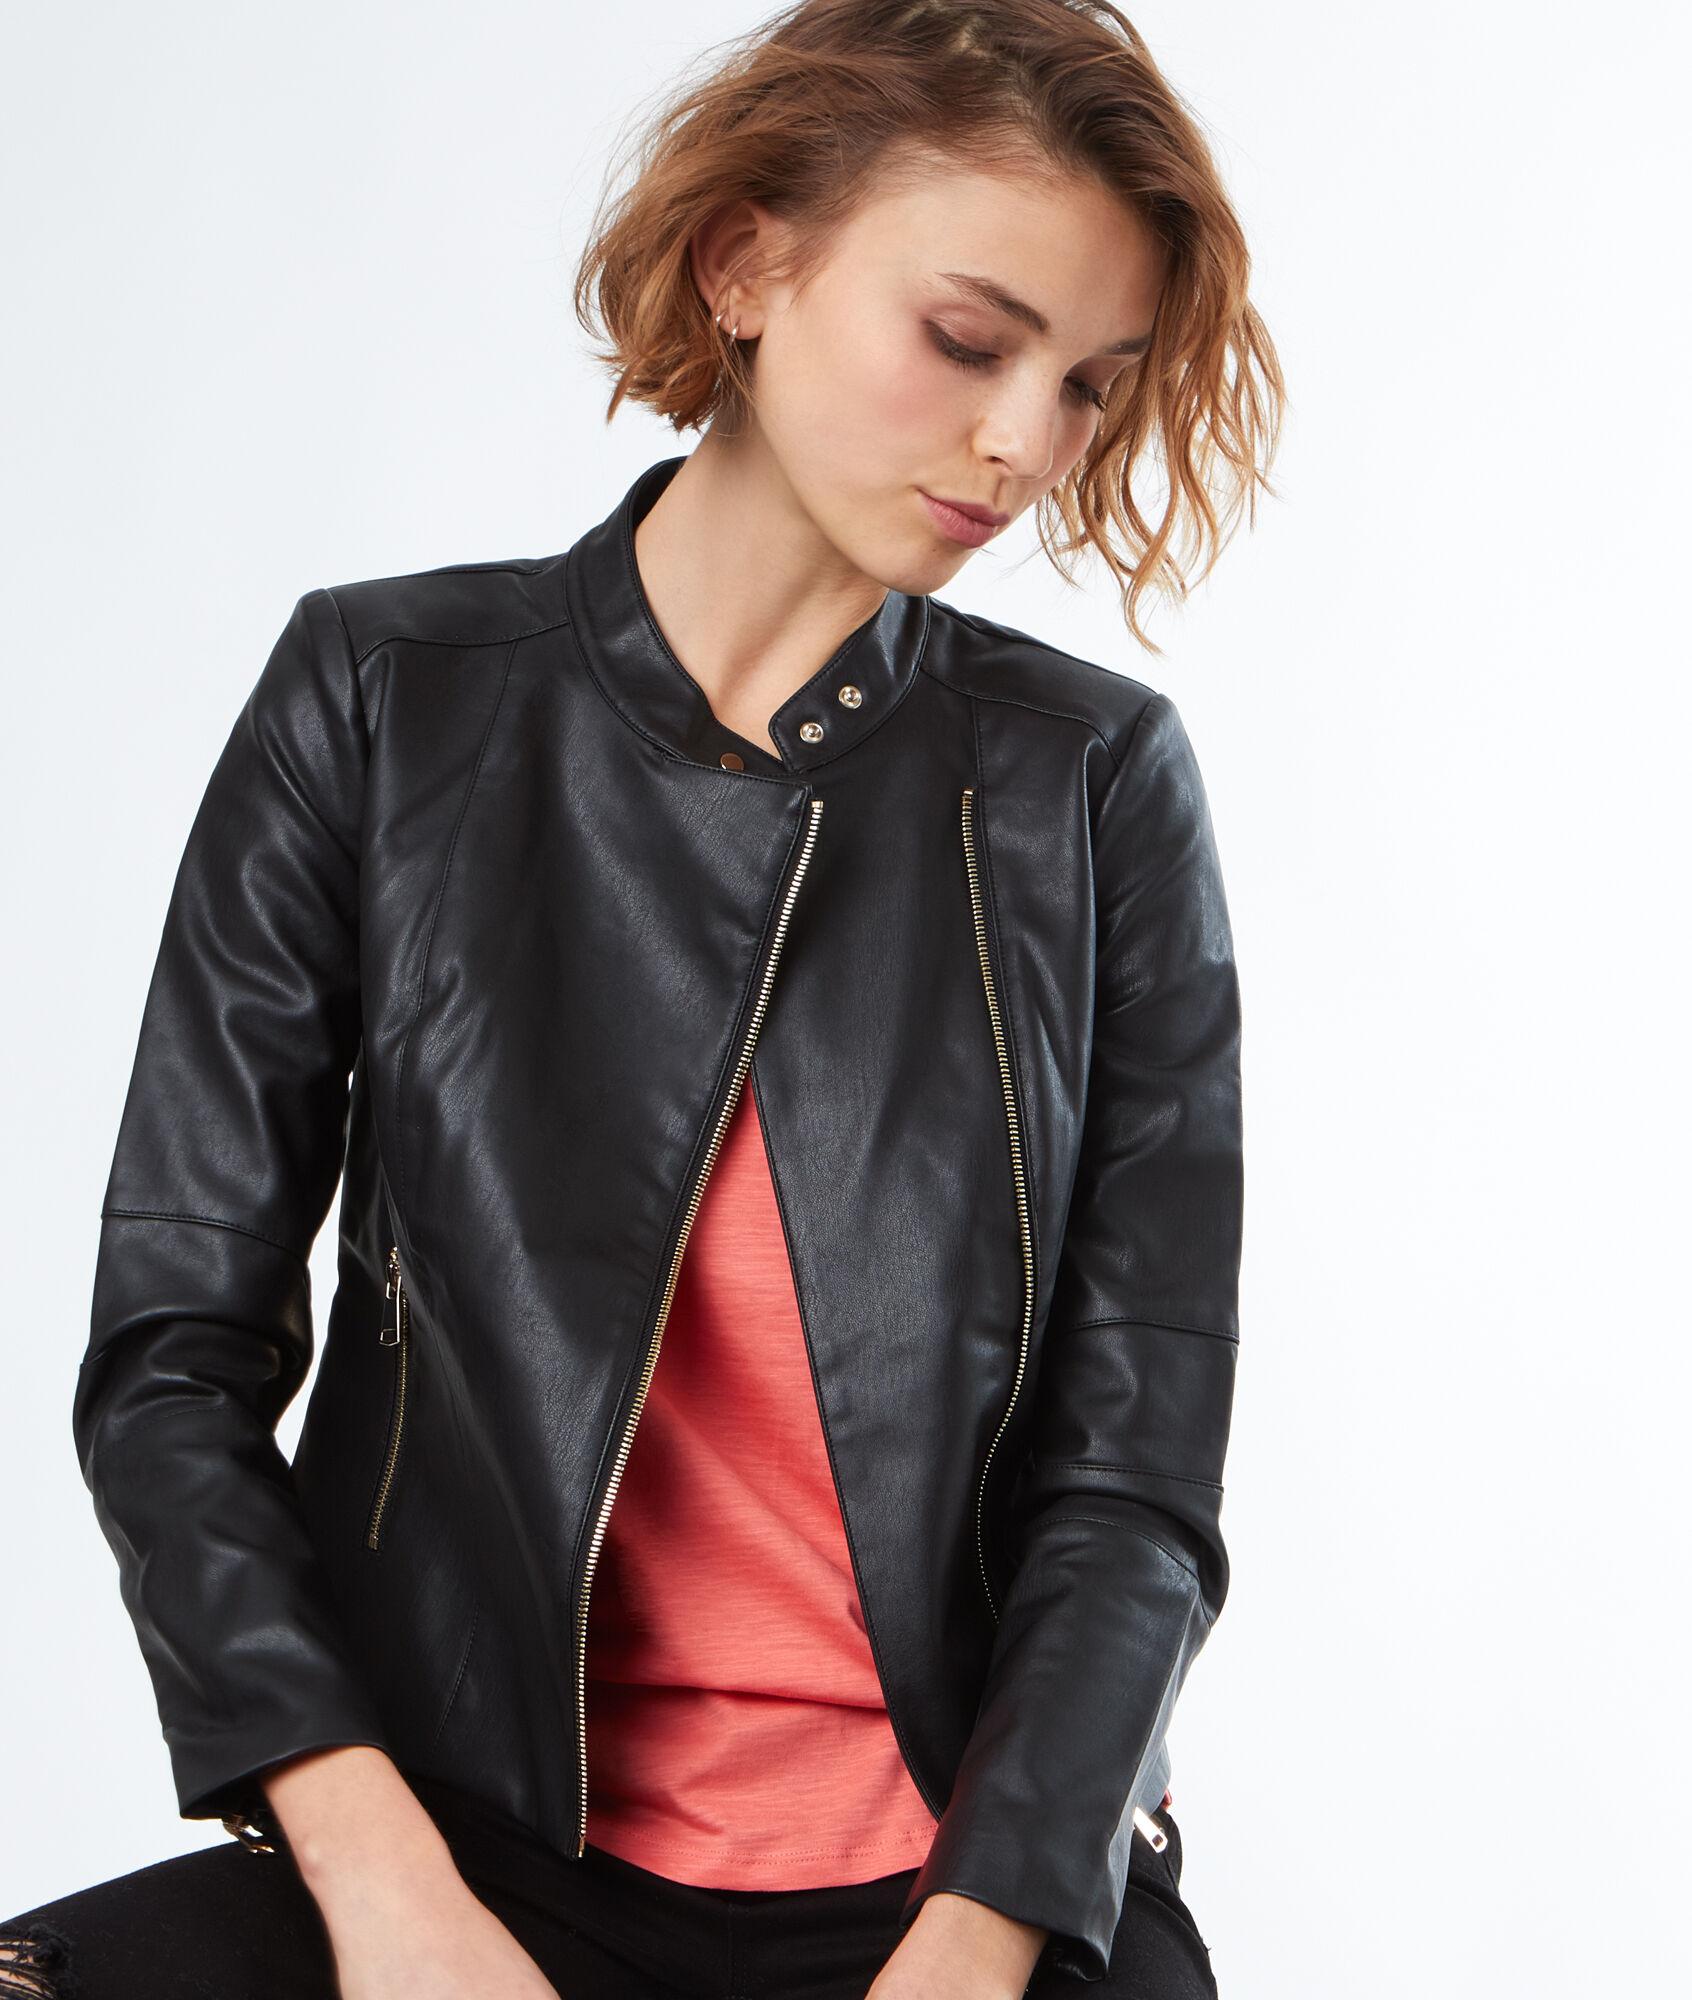 acheter pas cher styles divers moins cher Blouson biker effet cuir - Vestes & manteaux - Prêt-à-porter - Prix minis -  Outlet